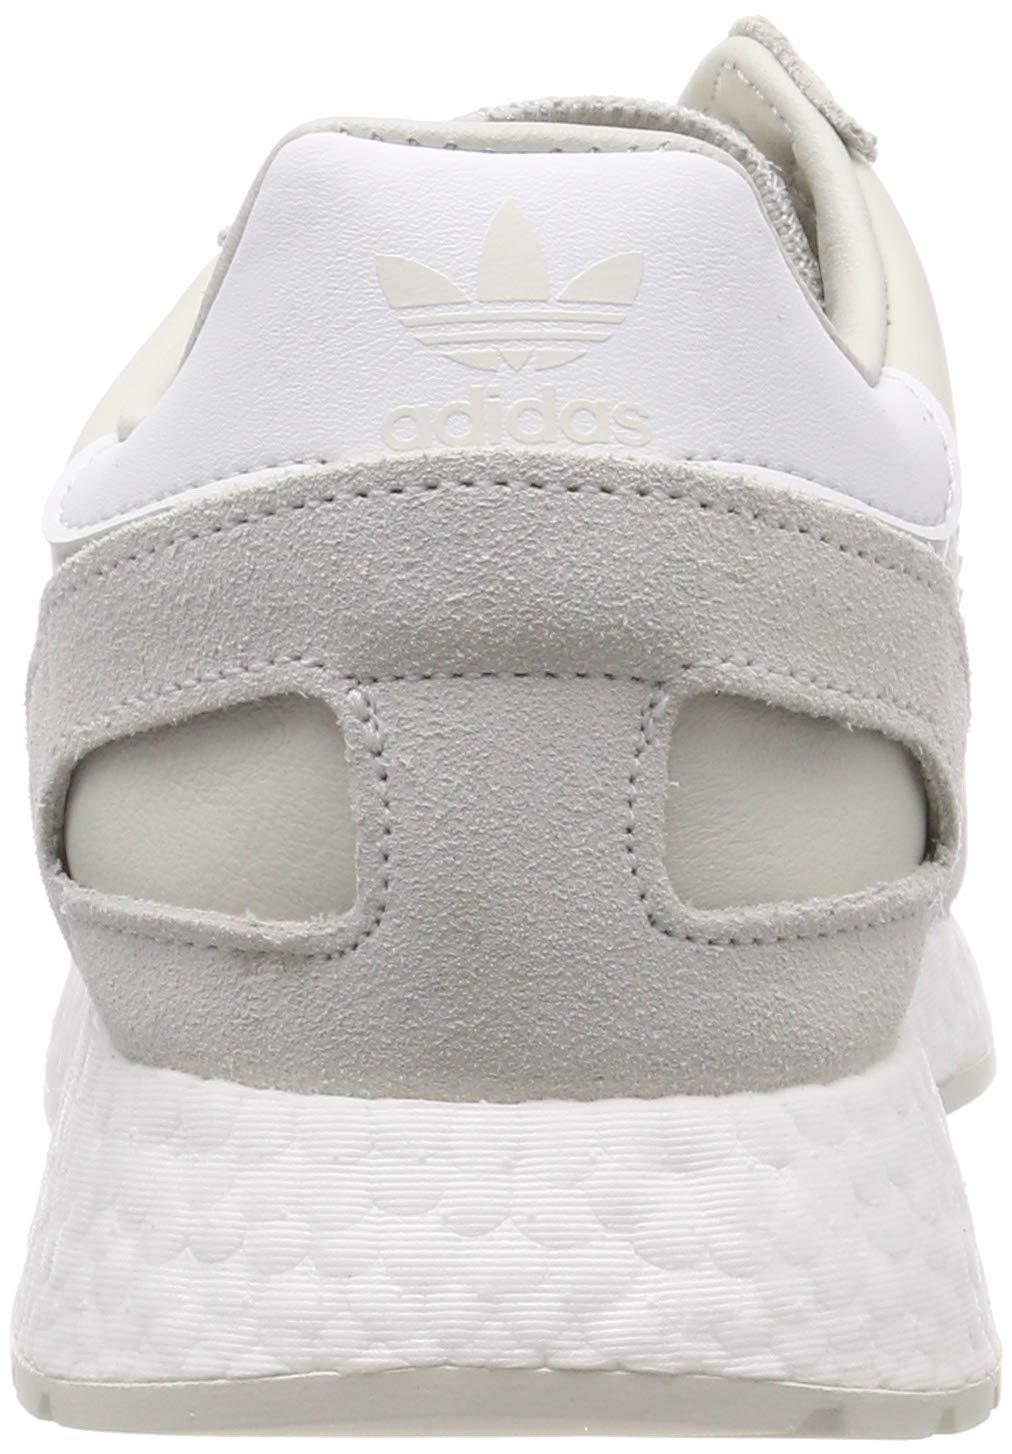 adidas I-5923, Scarpe da Fitness Uomo 20 spesavip